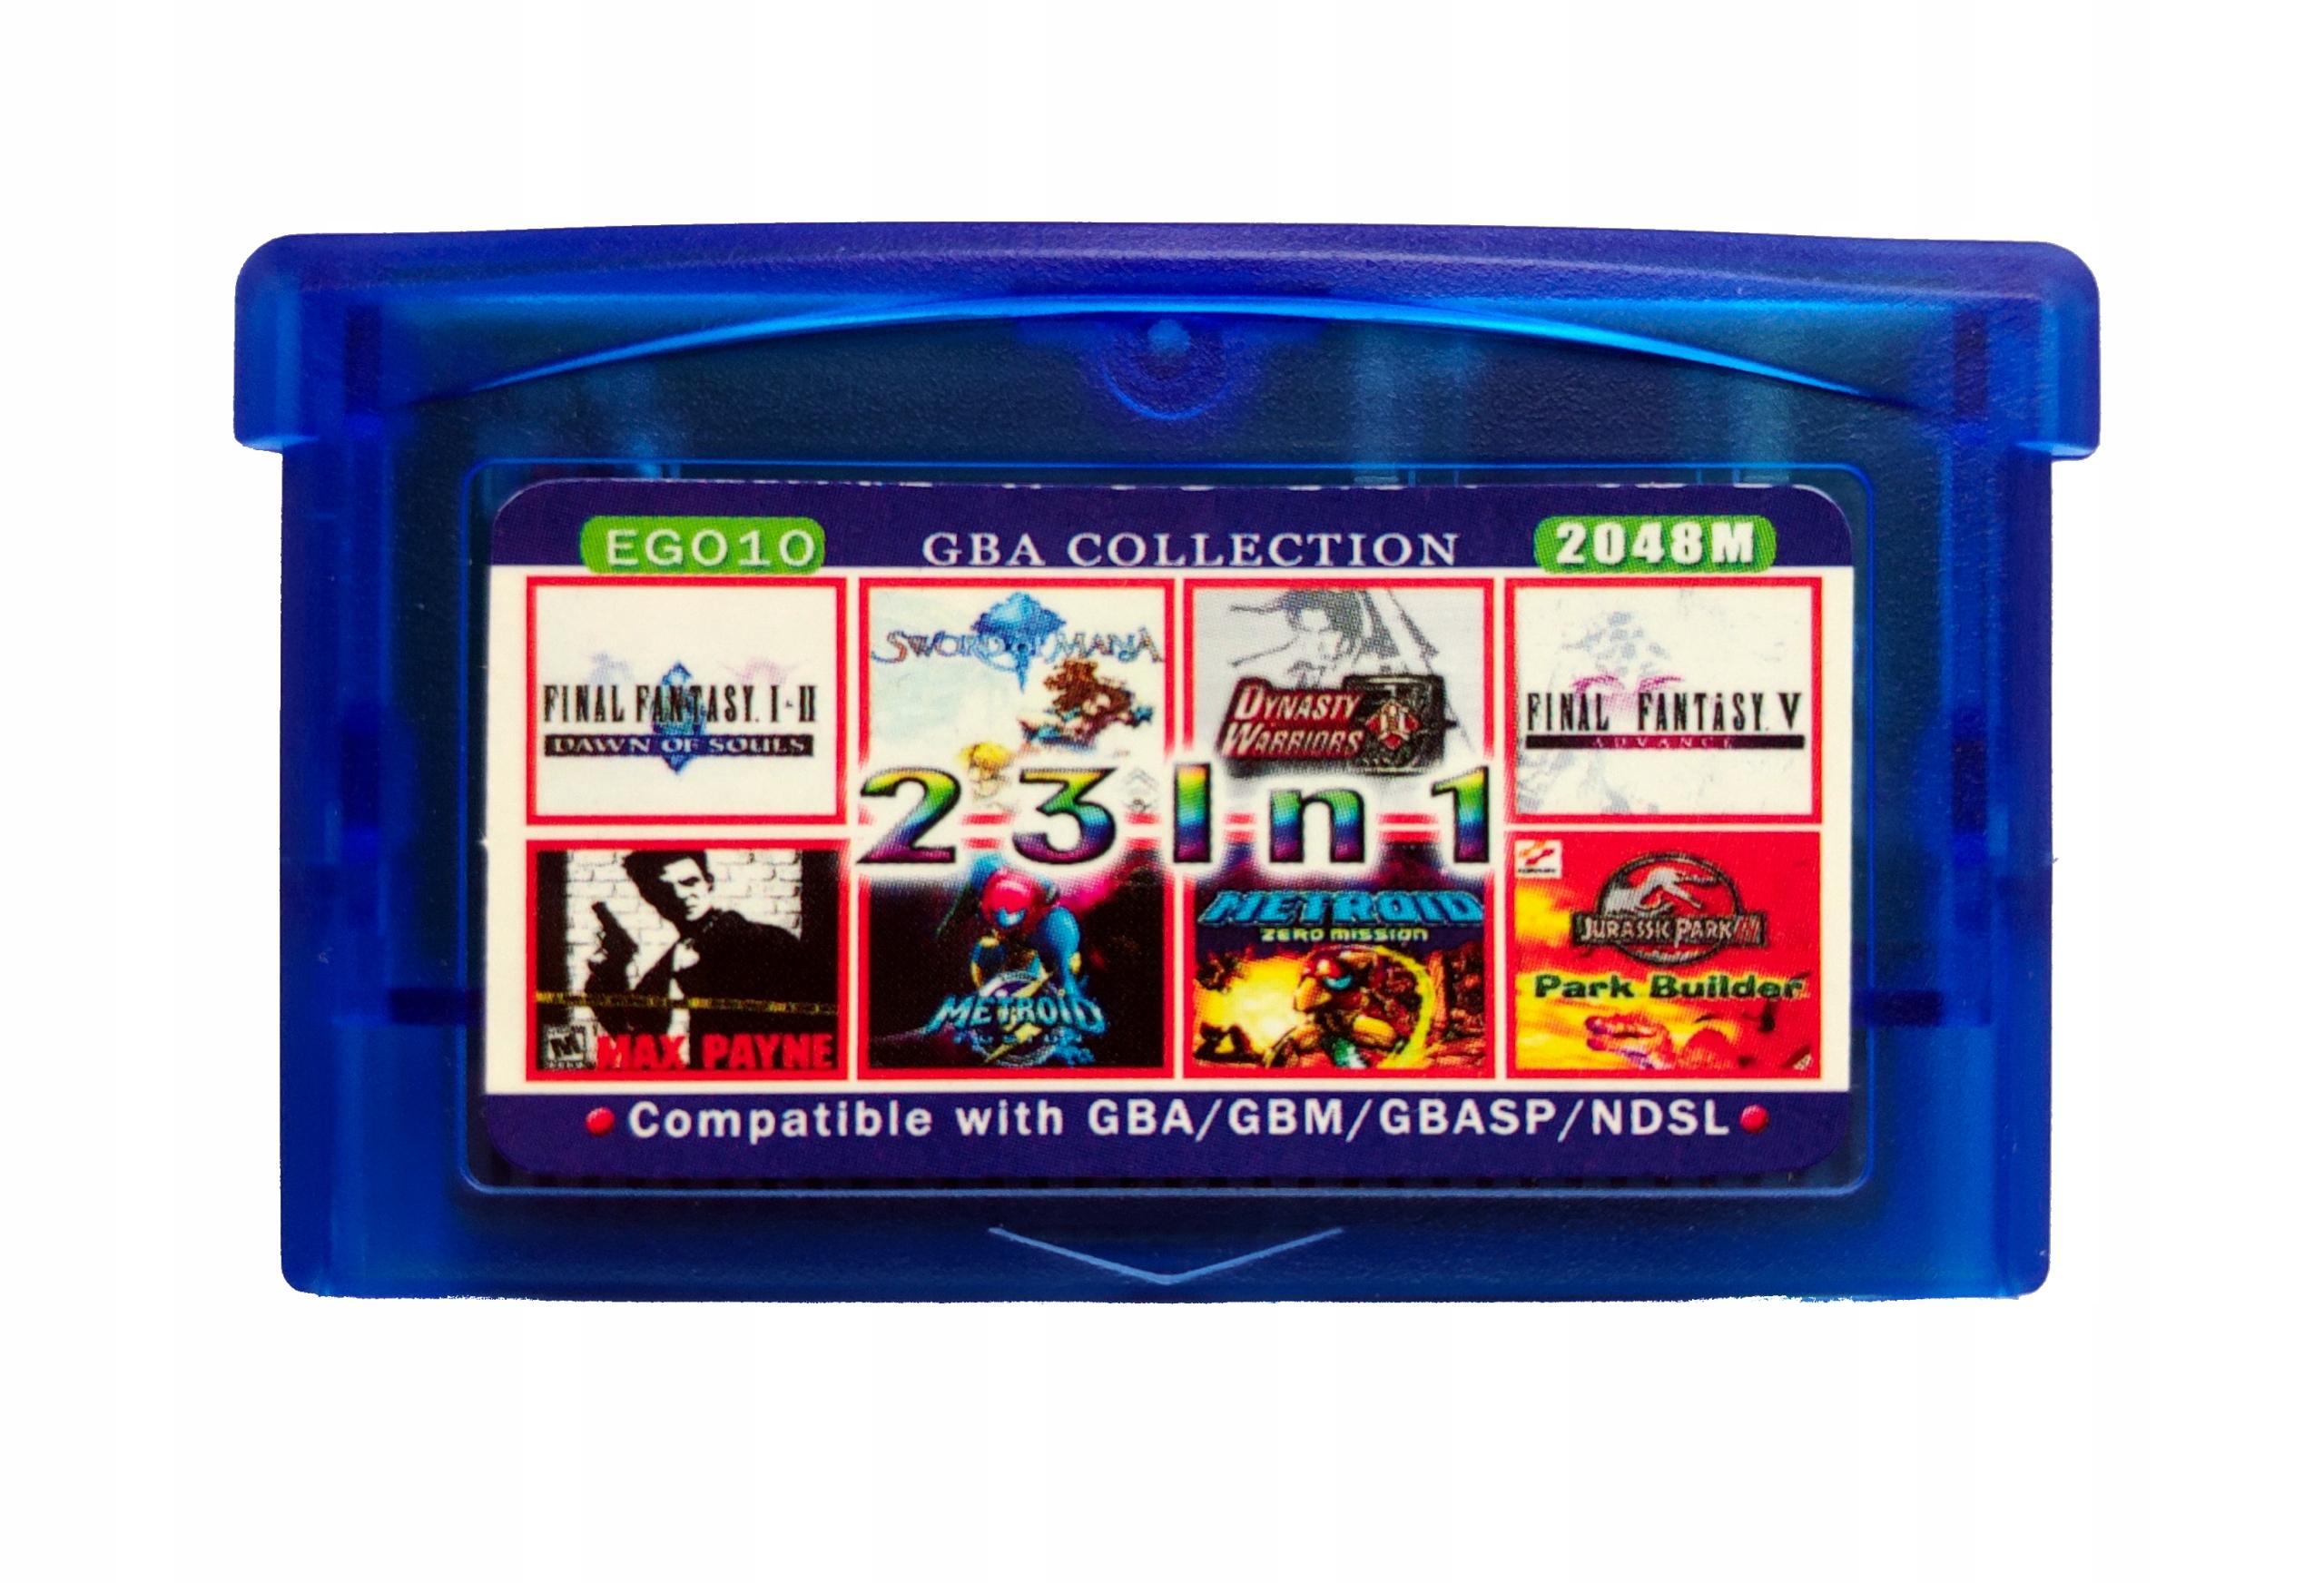 23 v 1 GameBoy Advance - Final Fantasy Všetky